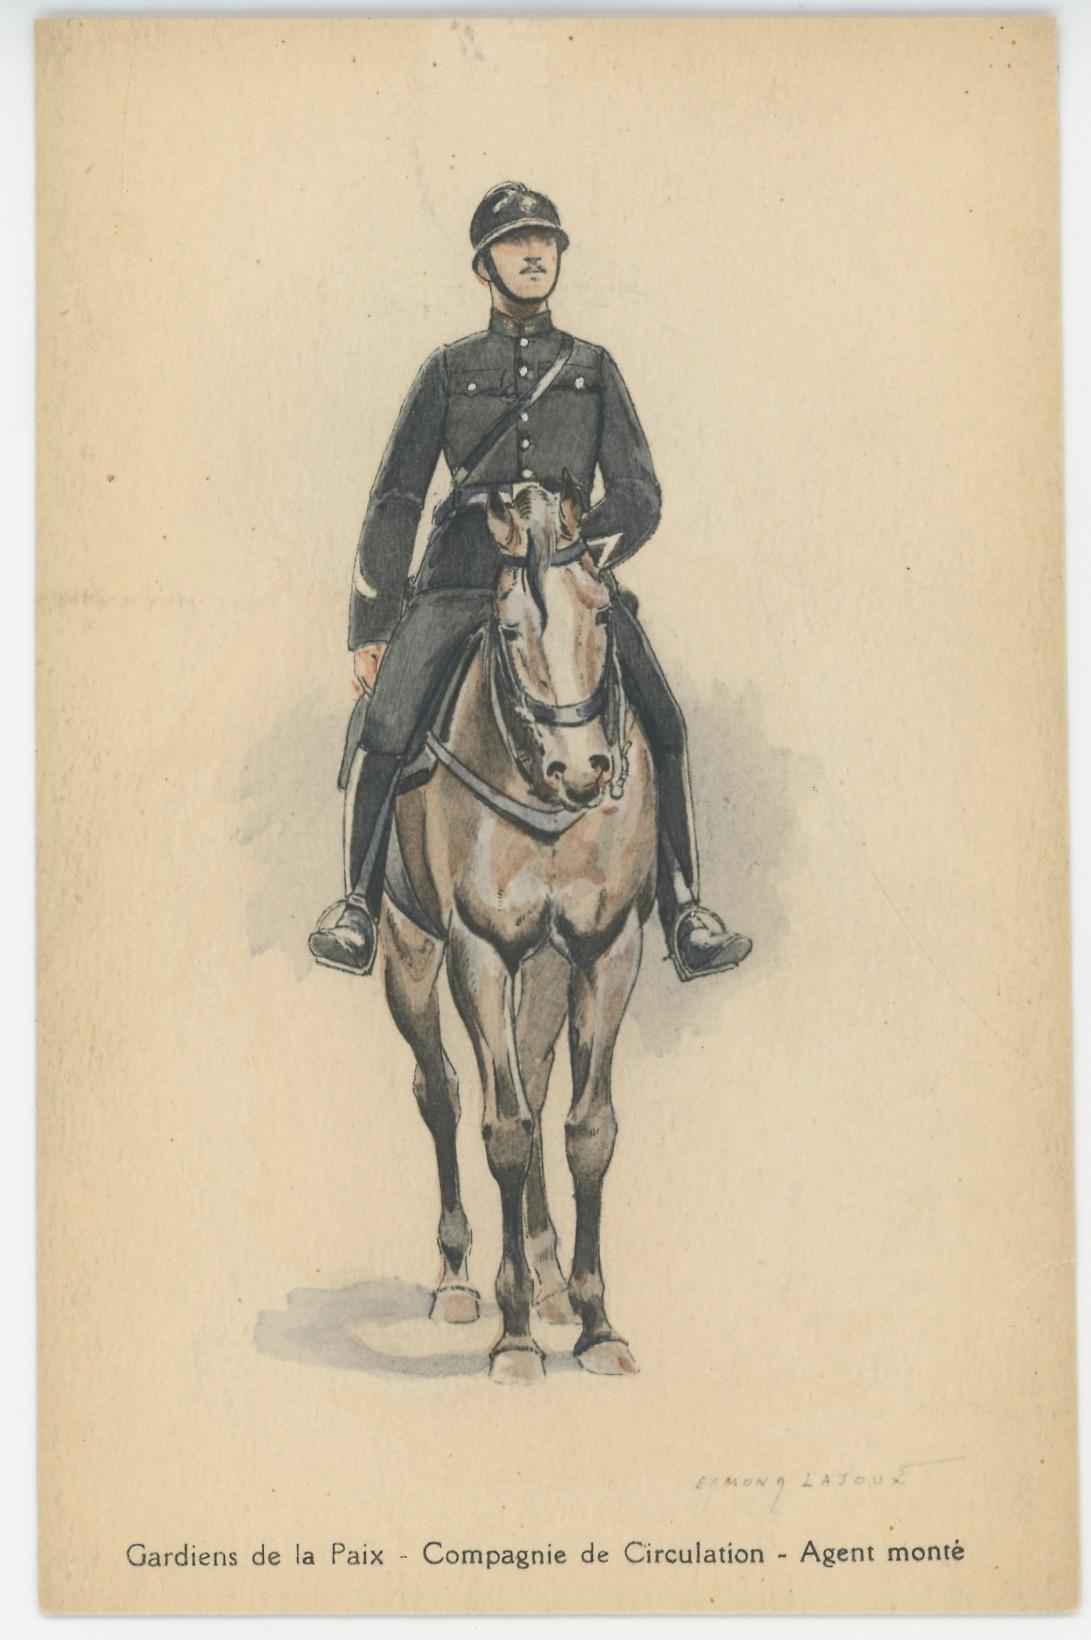 Carte Postale Illustrée - Edmond Lajoux - Edition Militaire Illustrées - Gardiens de la Paix - 1940